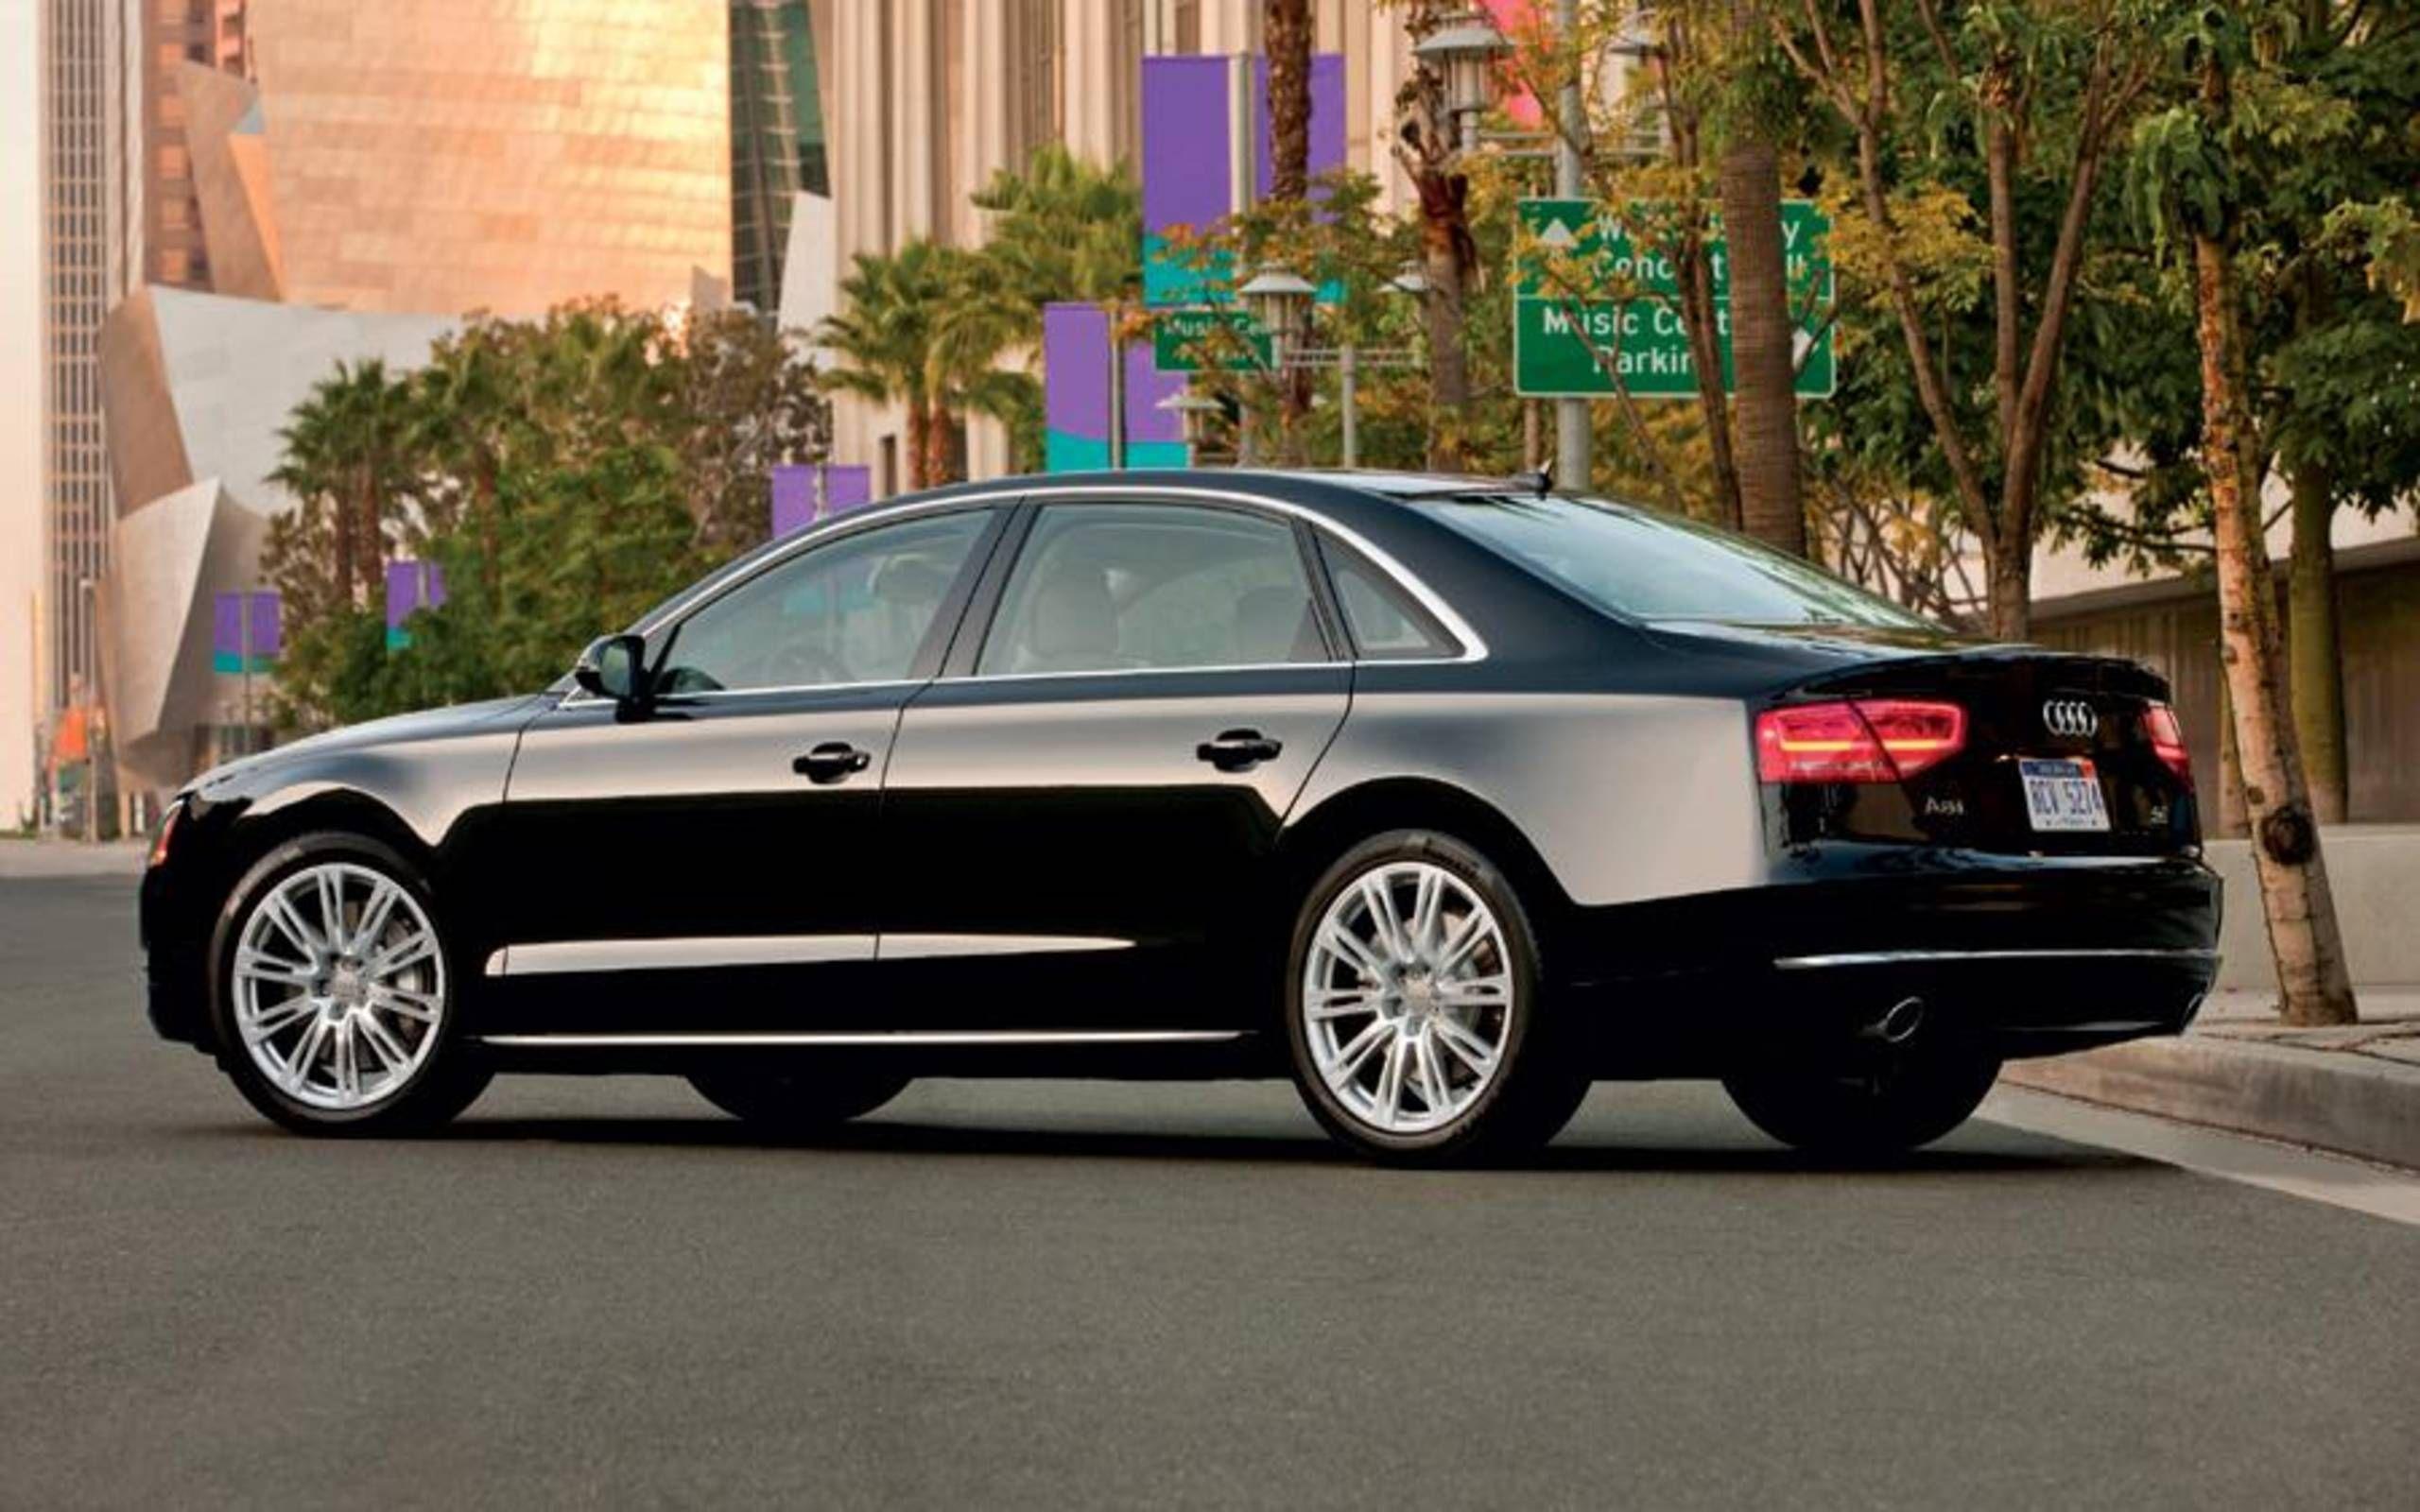 Kelebihan Kekurangan Audi 2012 Top Model Tahun Ini